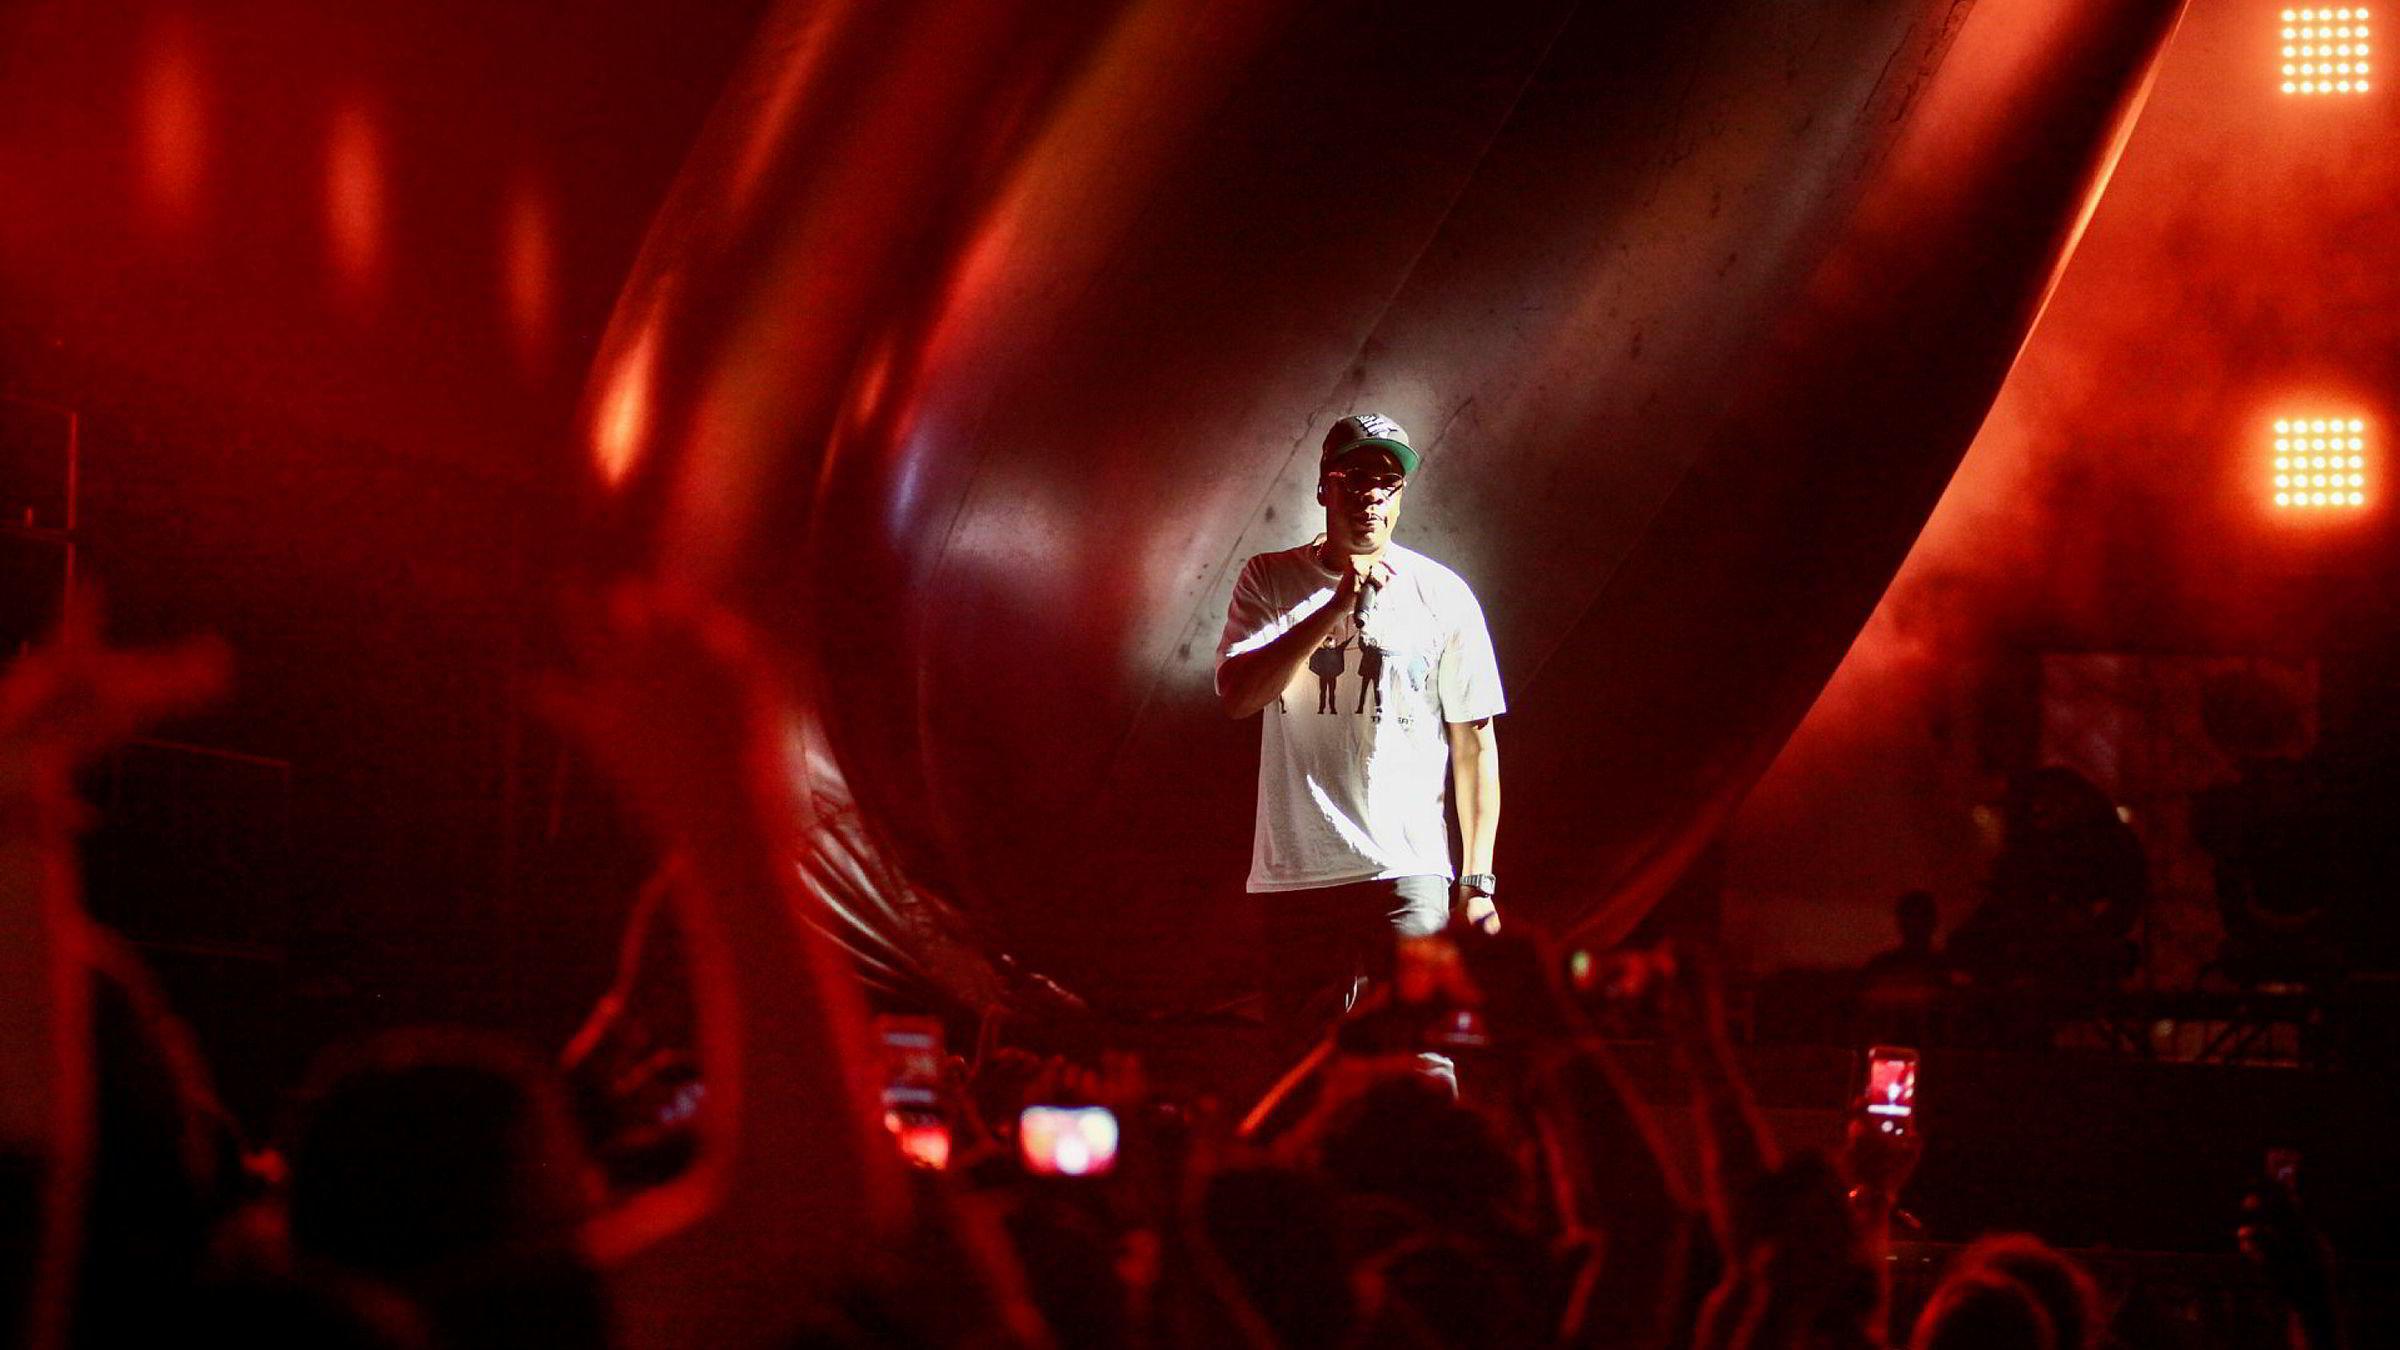 Rapmogulen Jay Z er en av hovedeierne i strømmeselskapet Tidal.